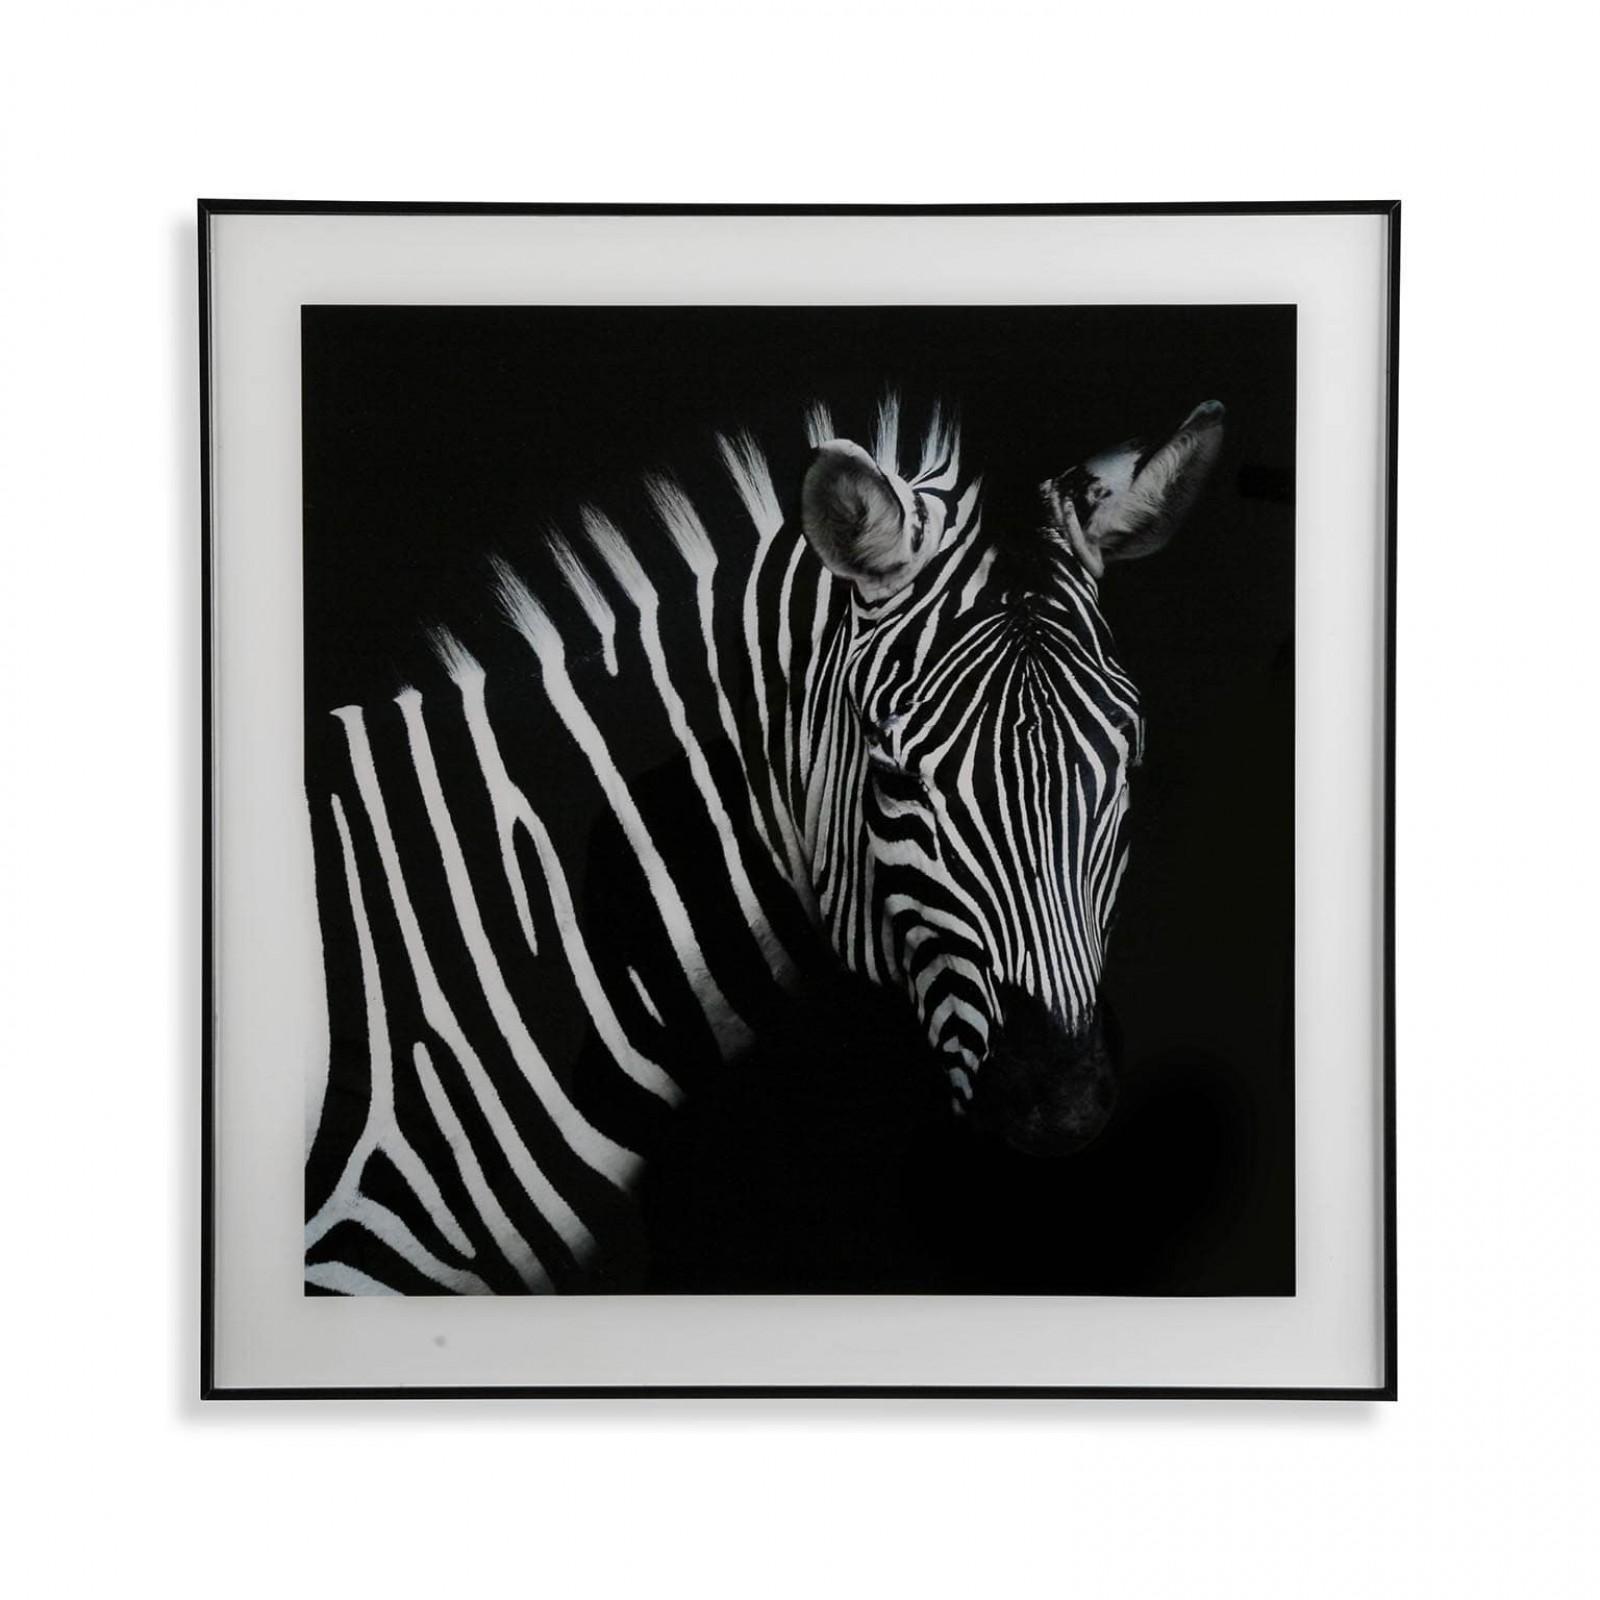 Διακοσμητικό Κάδρο Zebra 50 x 50 εκ. (Λευκό /  Μαύρο) - Versa